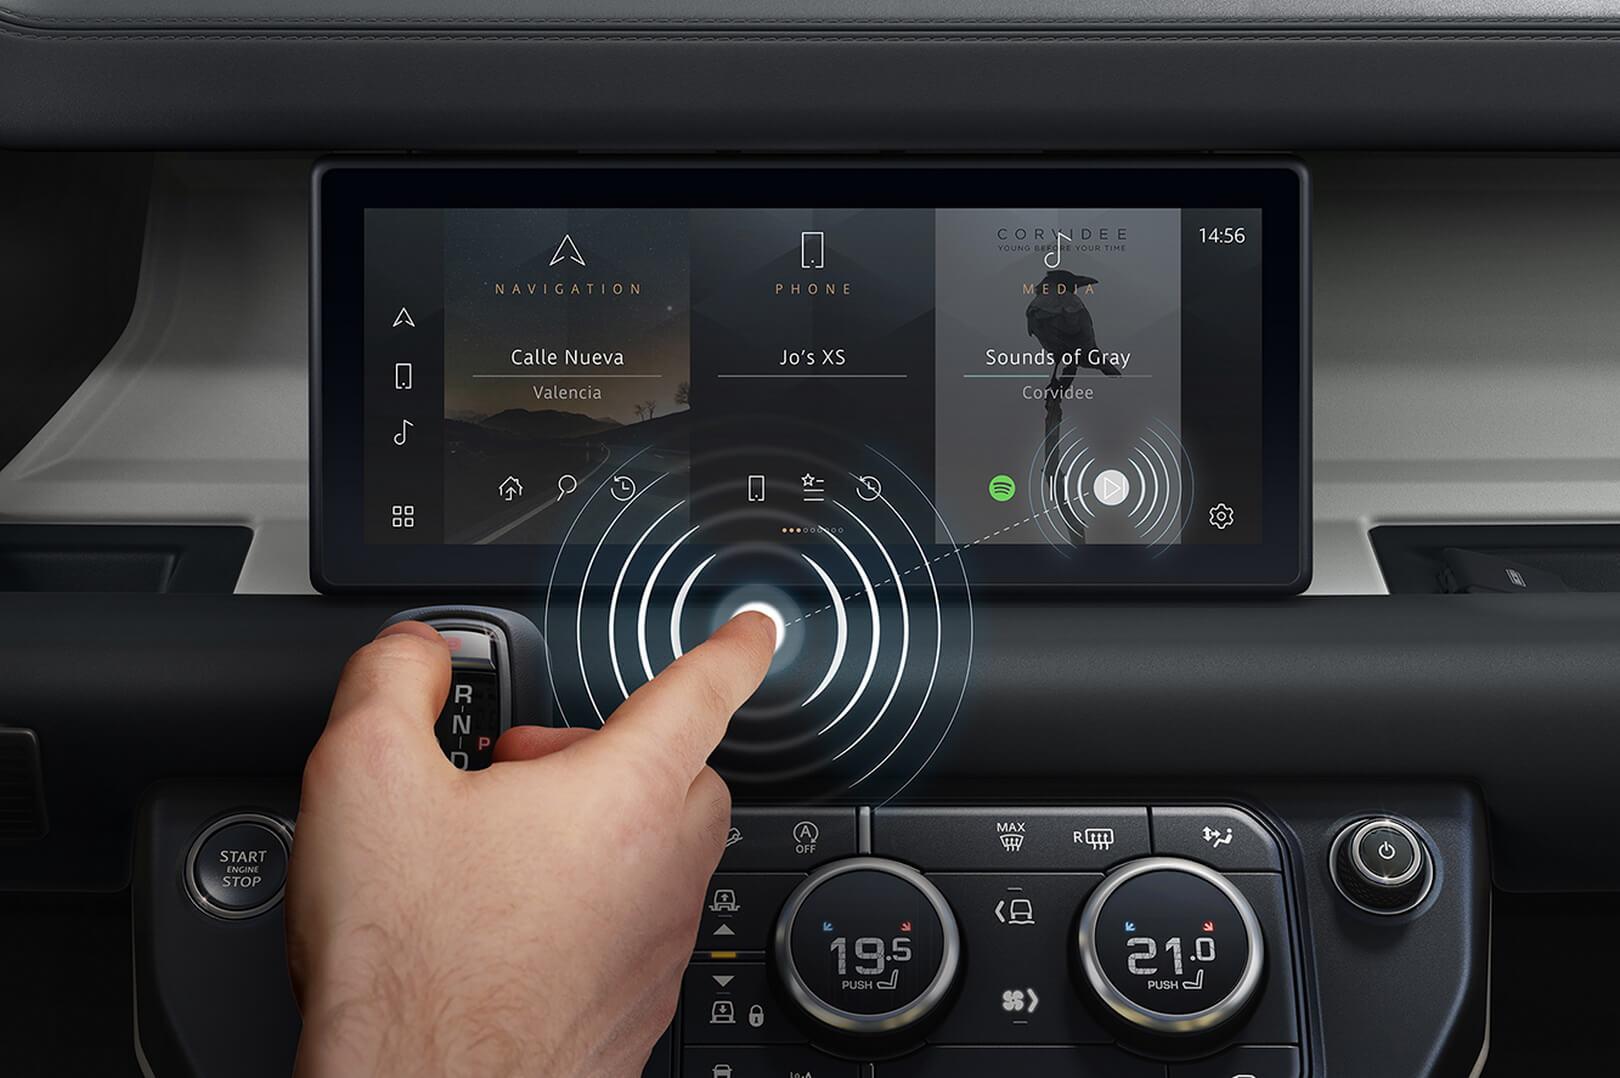 Jaguar Land Rover розробив технологію «передбачуваний дотик» для сенсорних екранів автомобілів